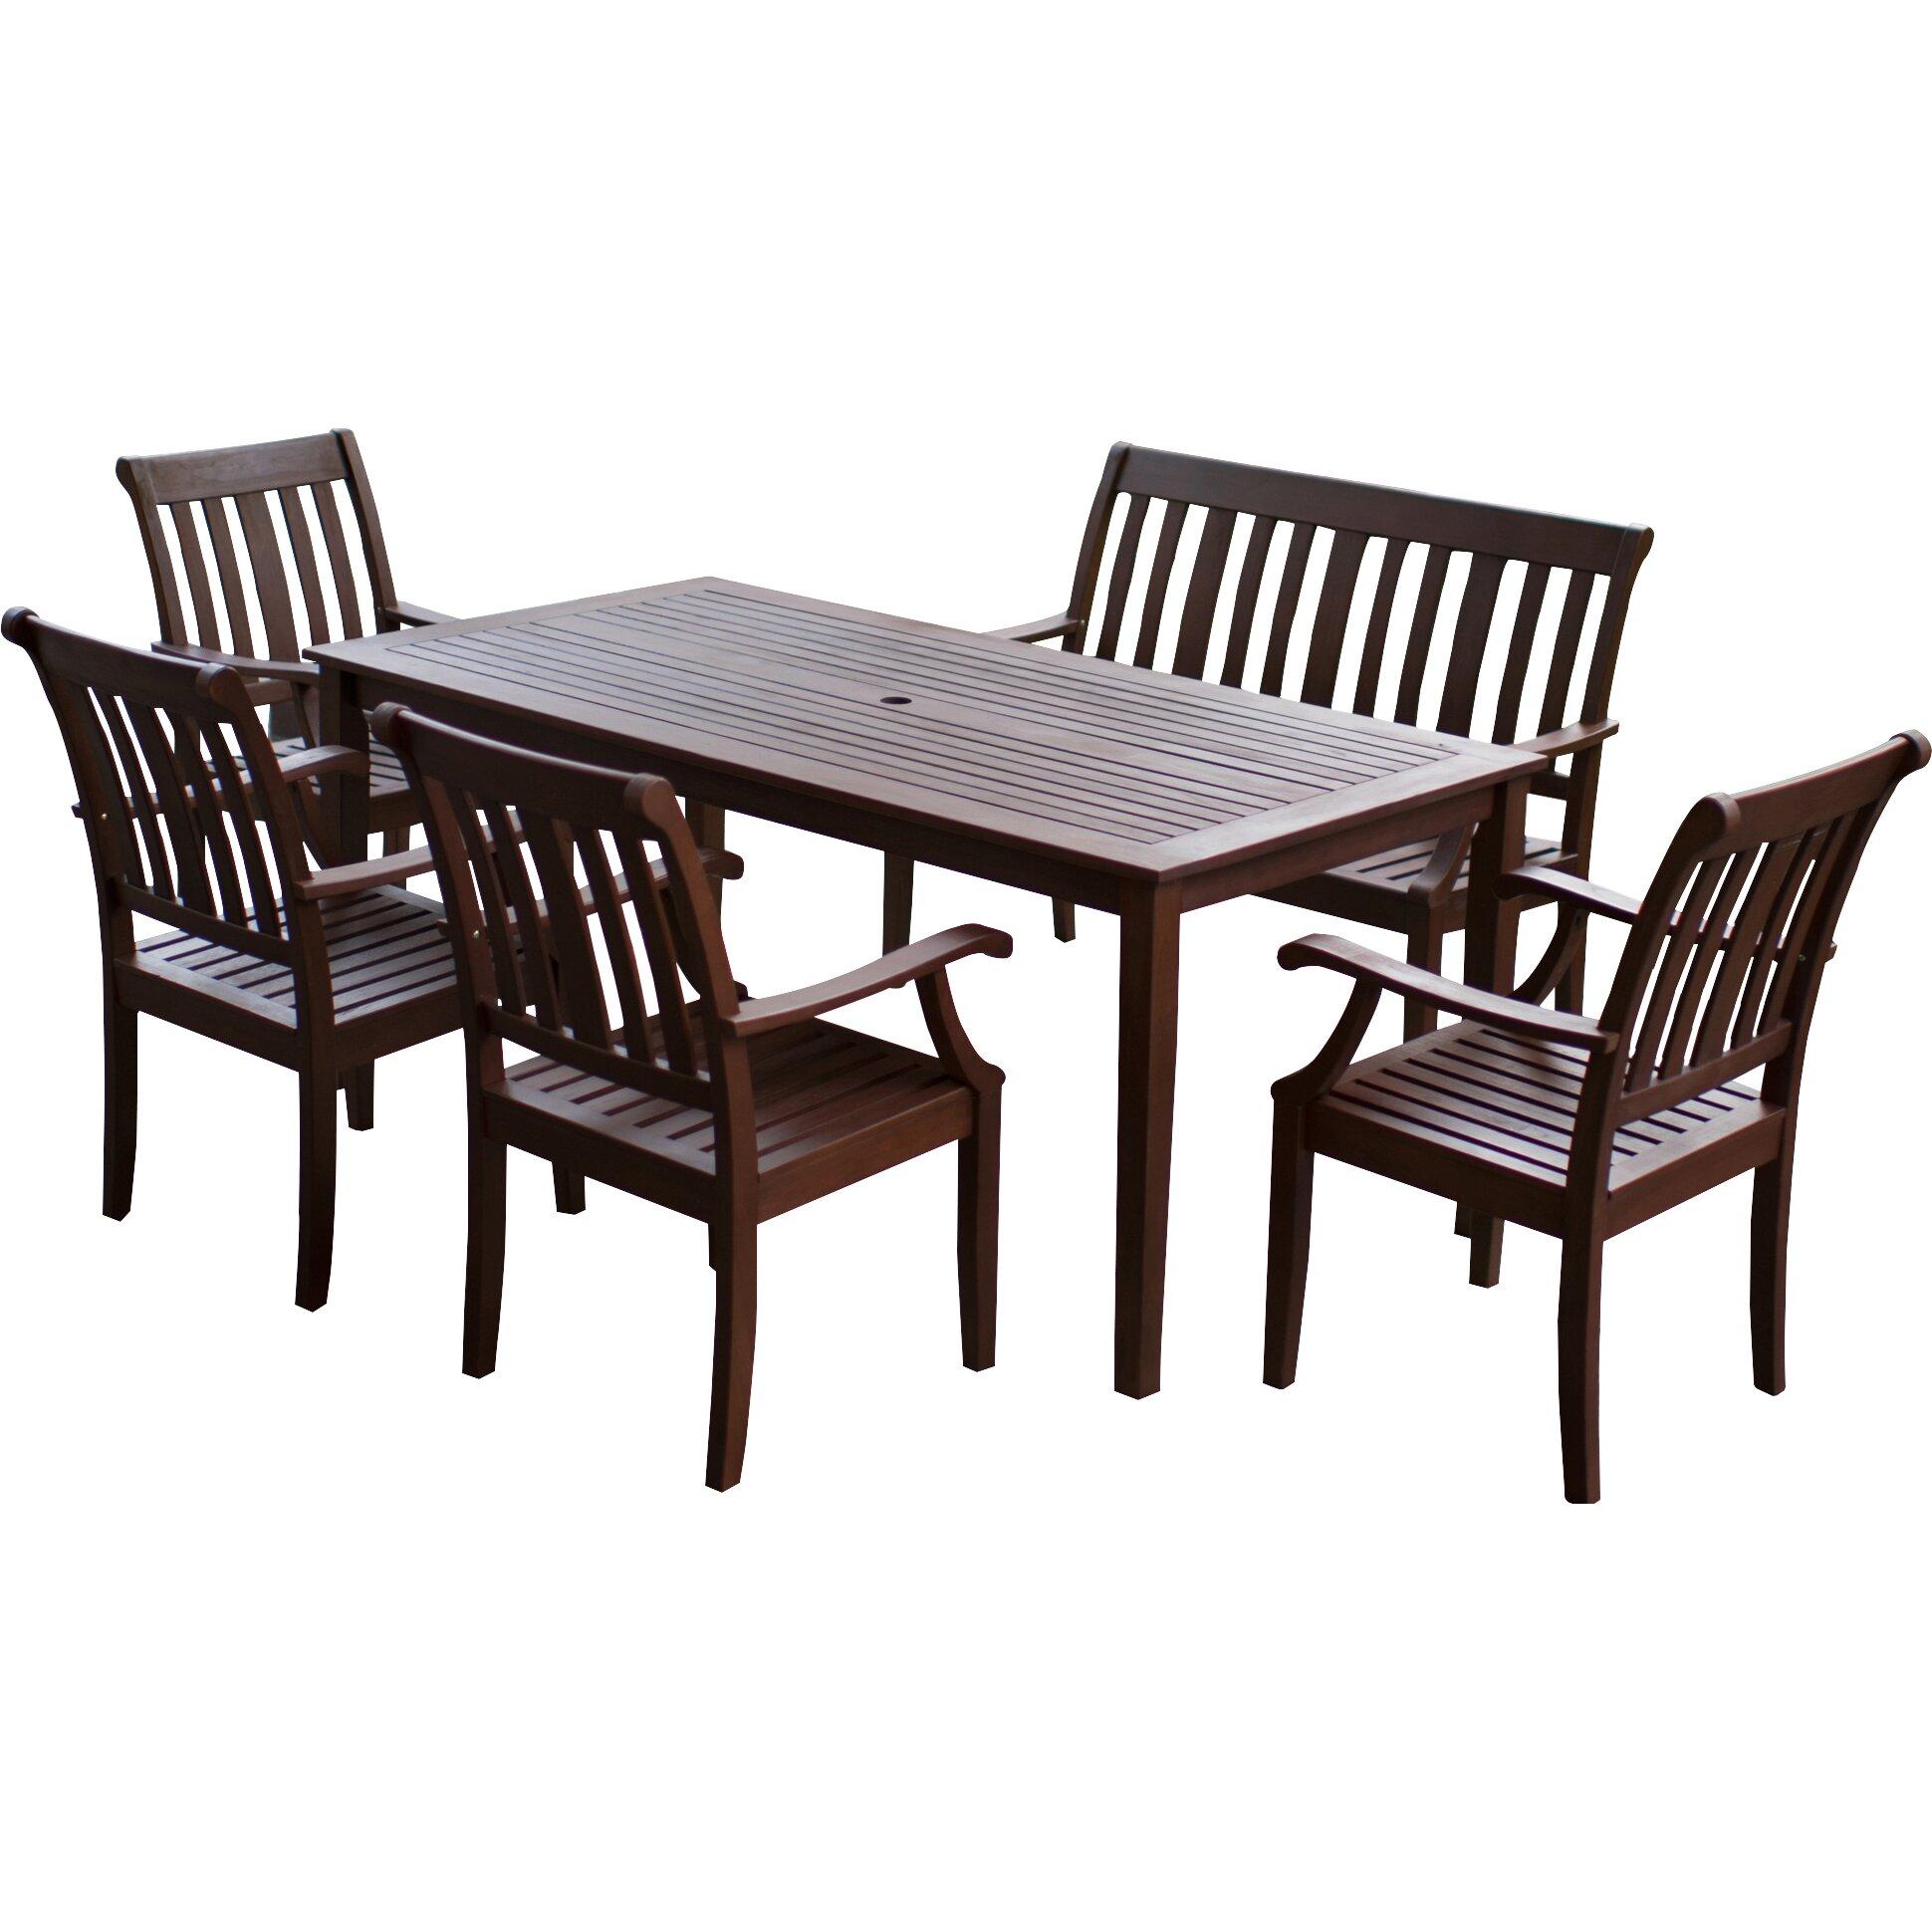 Piece Patio Furniture Dining Set